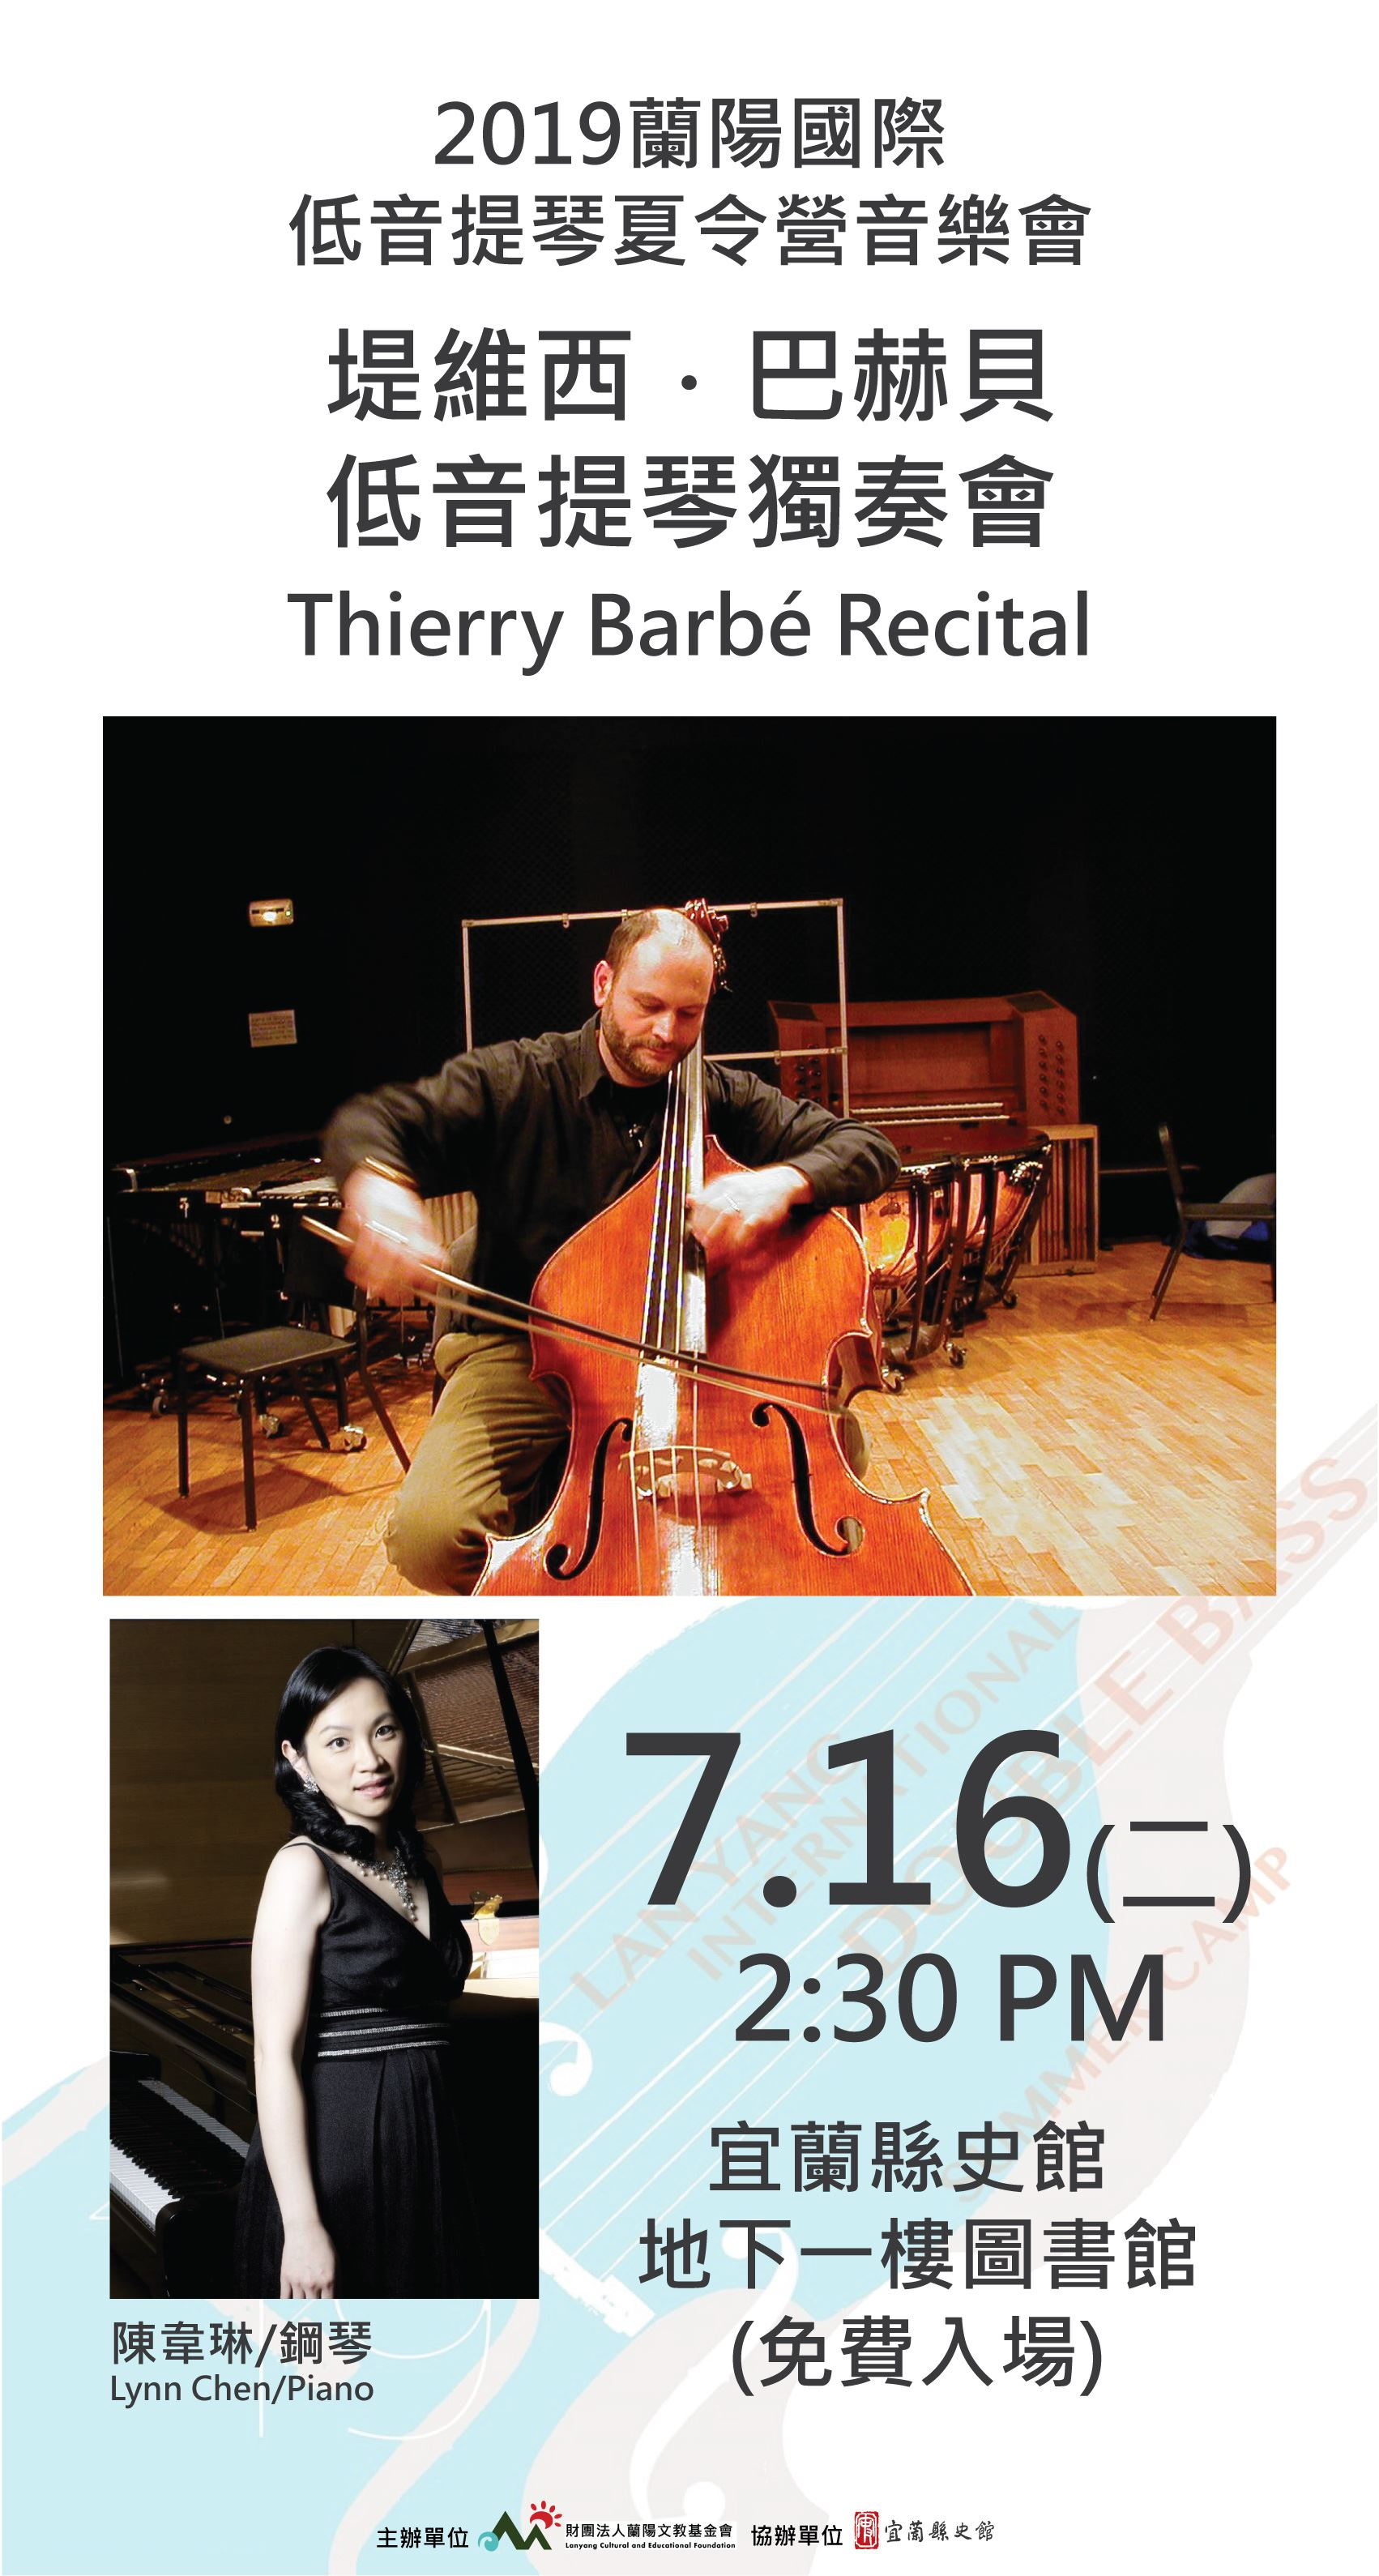 2019蘭陽國際低音提琴夏令營音樂會-「堤維西.巴赫貝 低音提琴獨奏會」